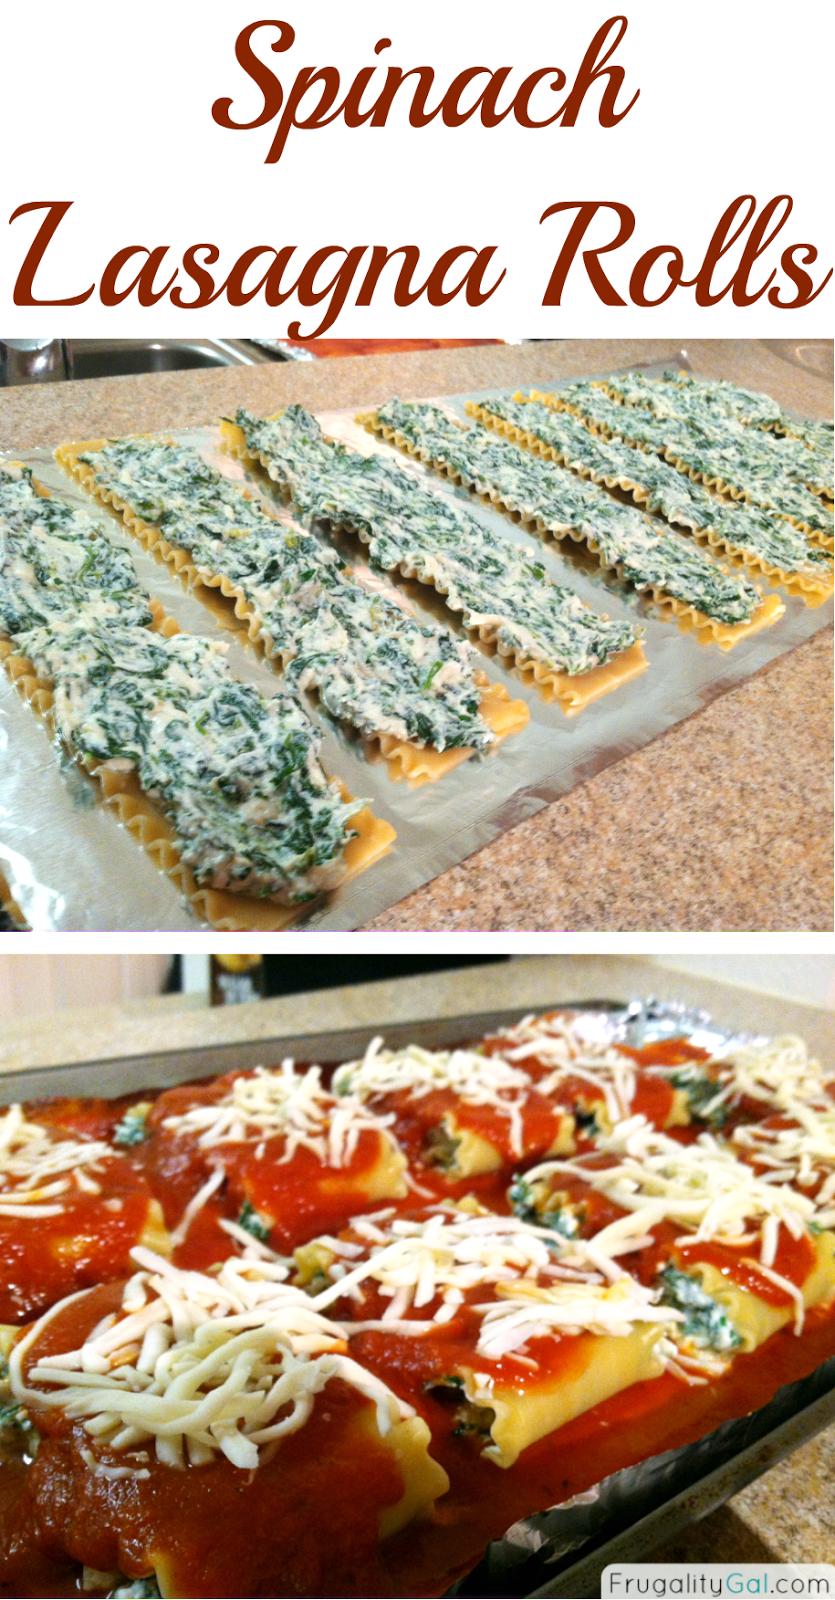 spinach-lasagna-rolls-recipe-.png 835×1,600 pixels